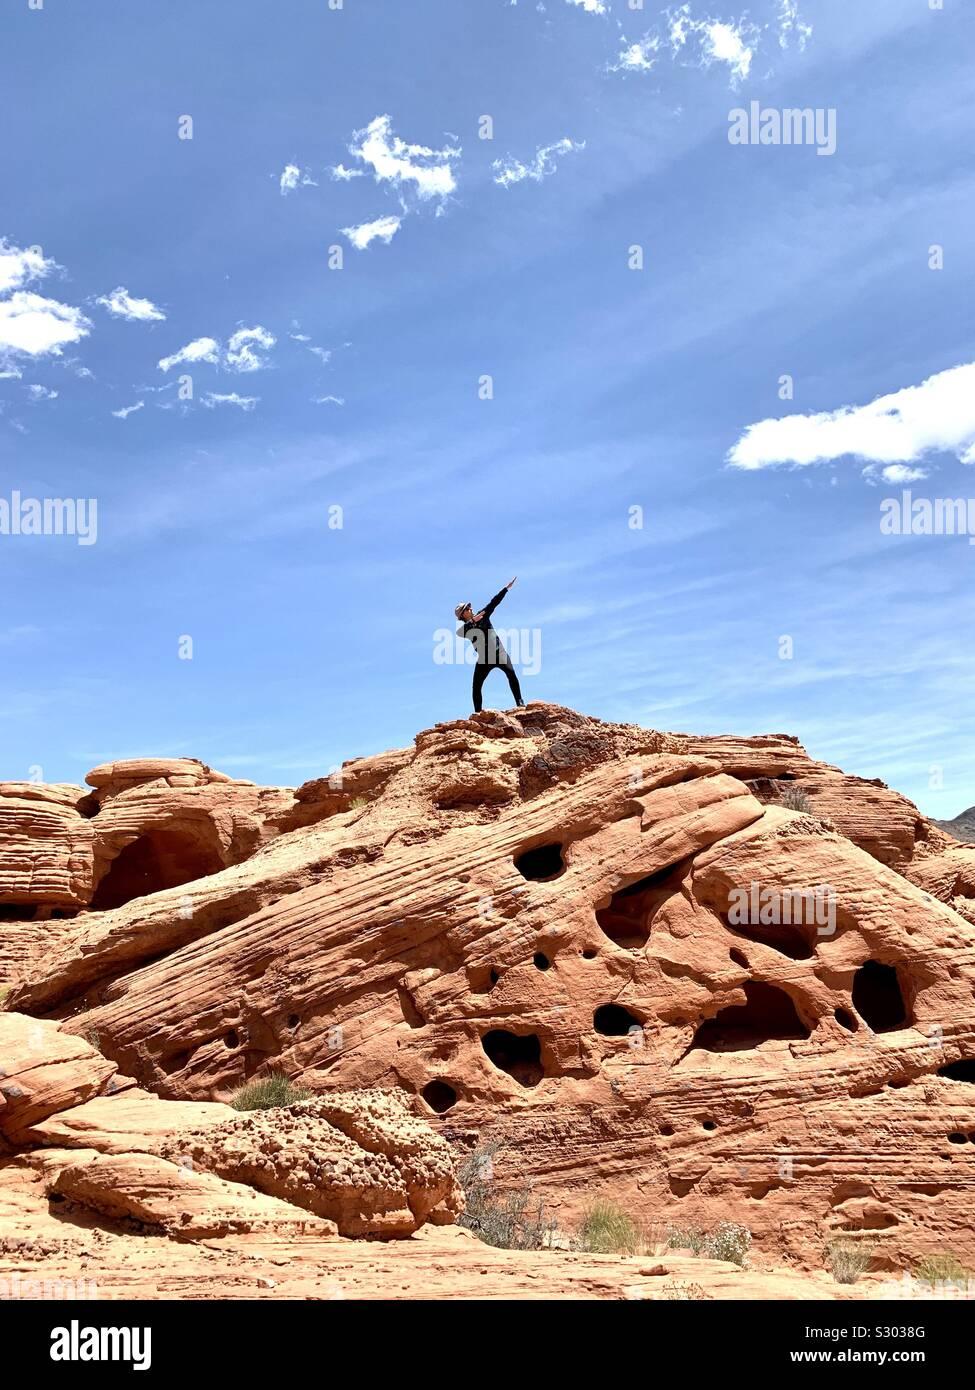 In posa nella Valle del Fuoco, Nevada, Stati Uniti d'America. Foto Stock